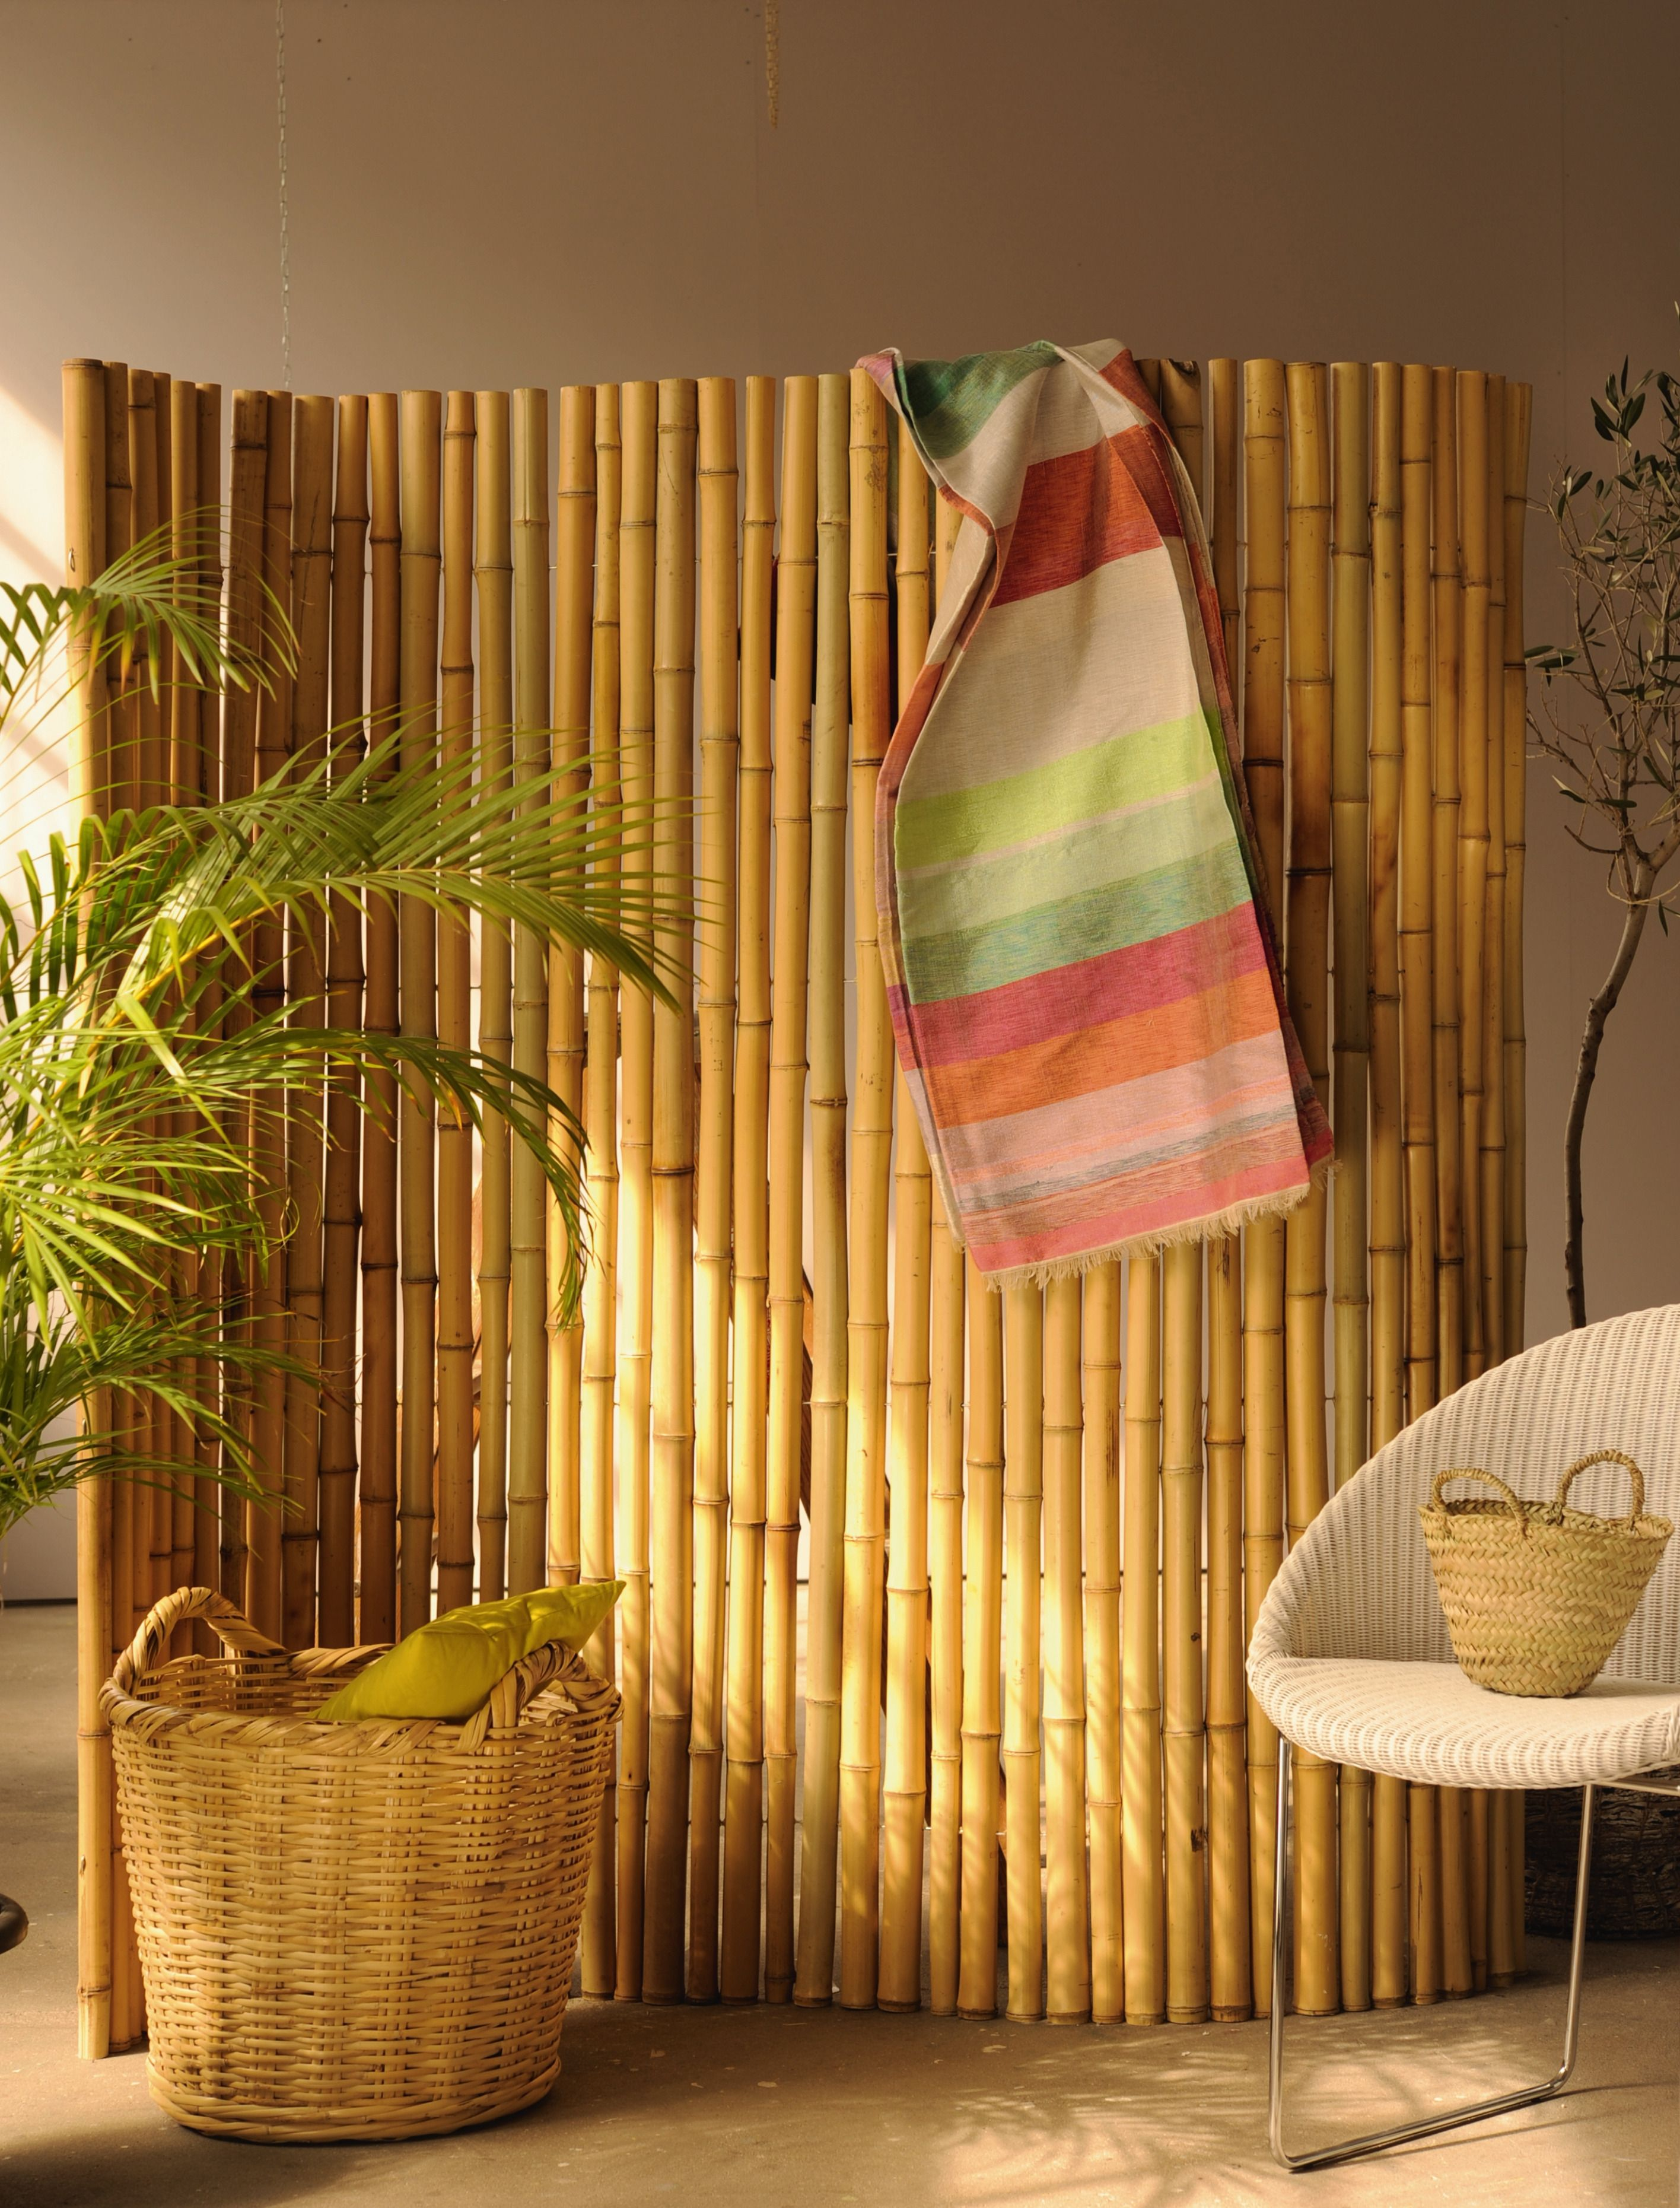 gefertigt aus Bambusstangen auf Bali, Raumteiler, Screen